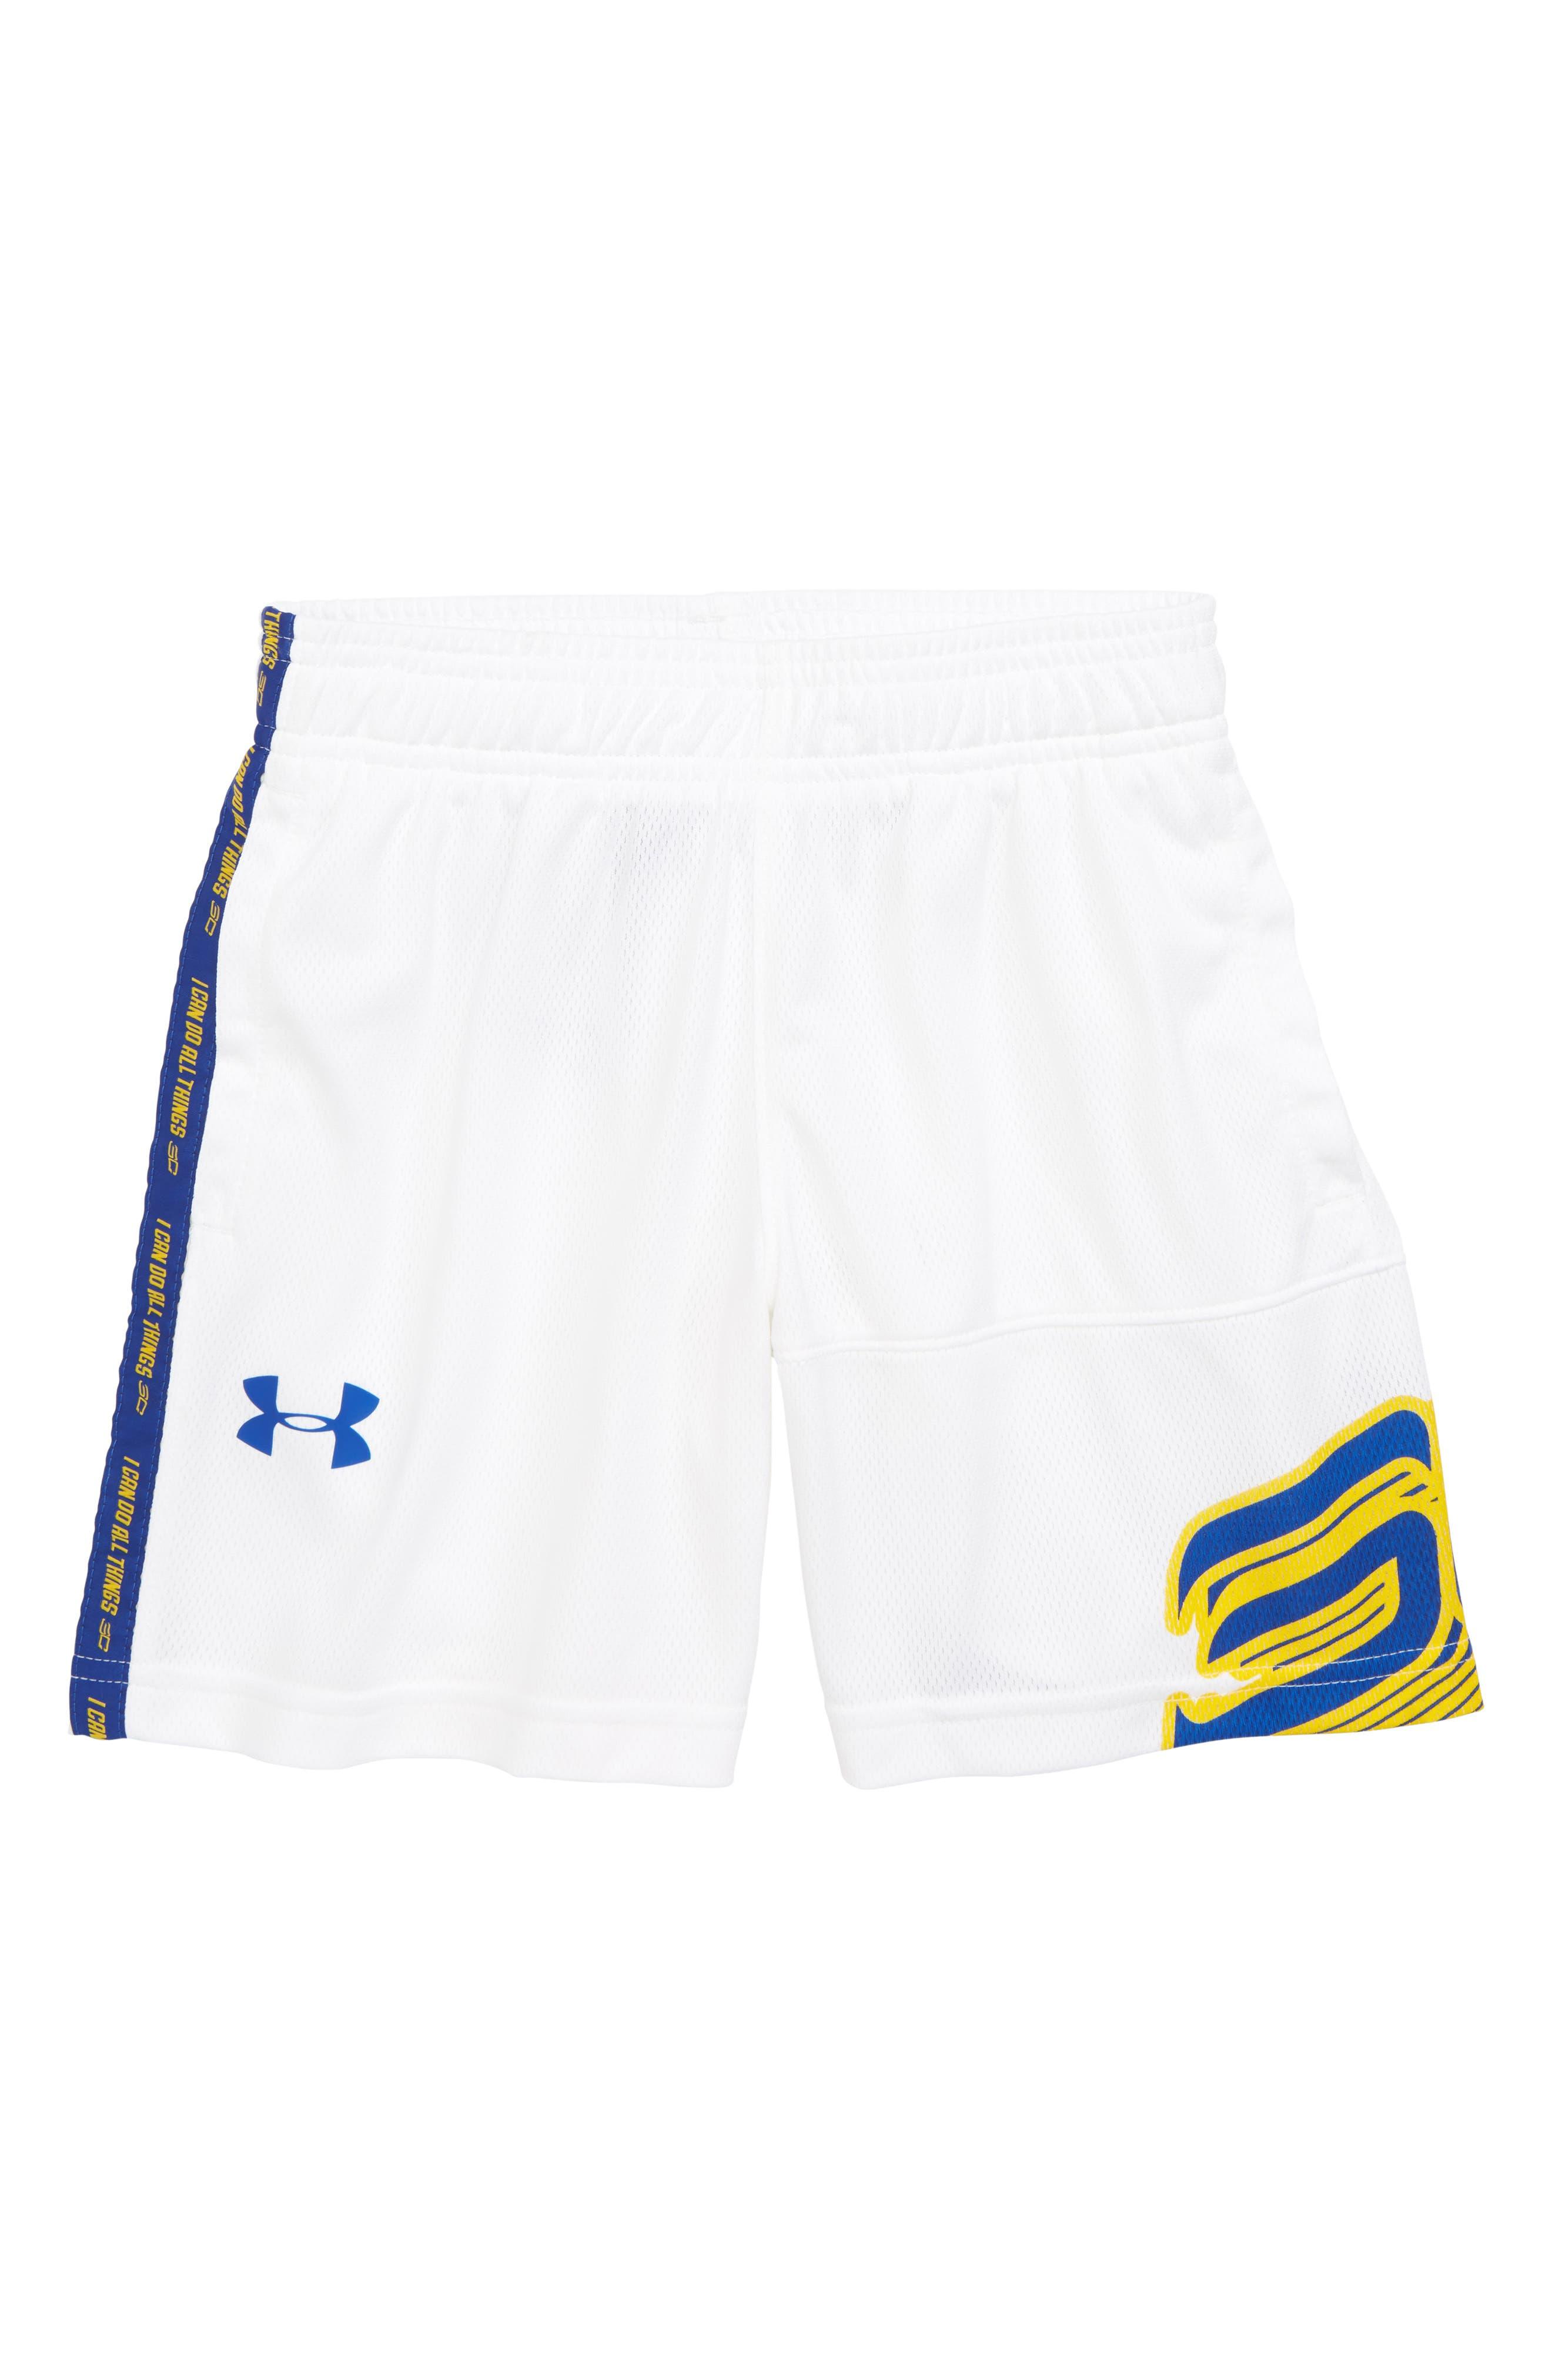 SC30 Basketball Shorts,                         Main,                         color, White/ Royal